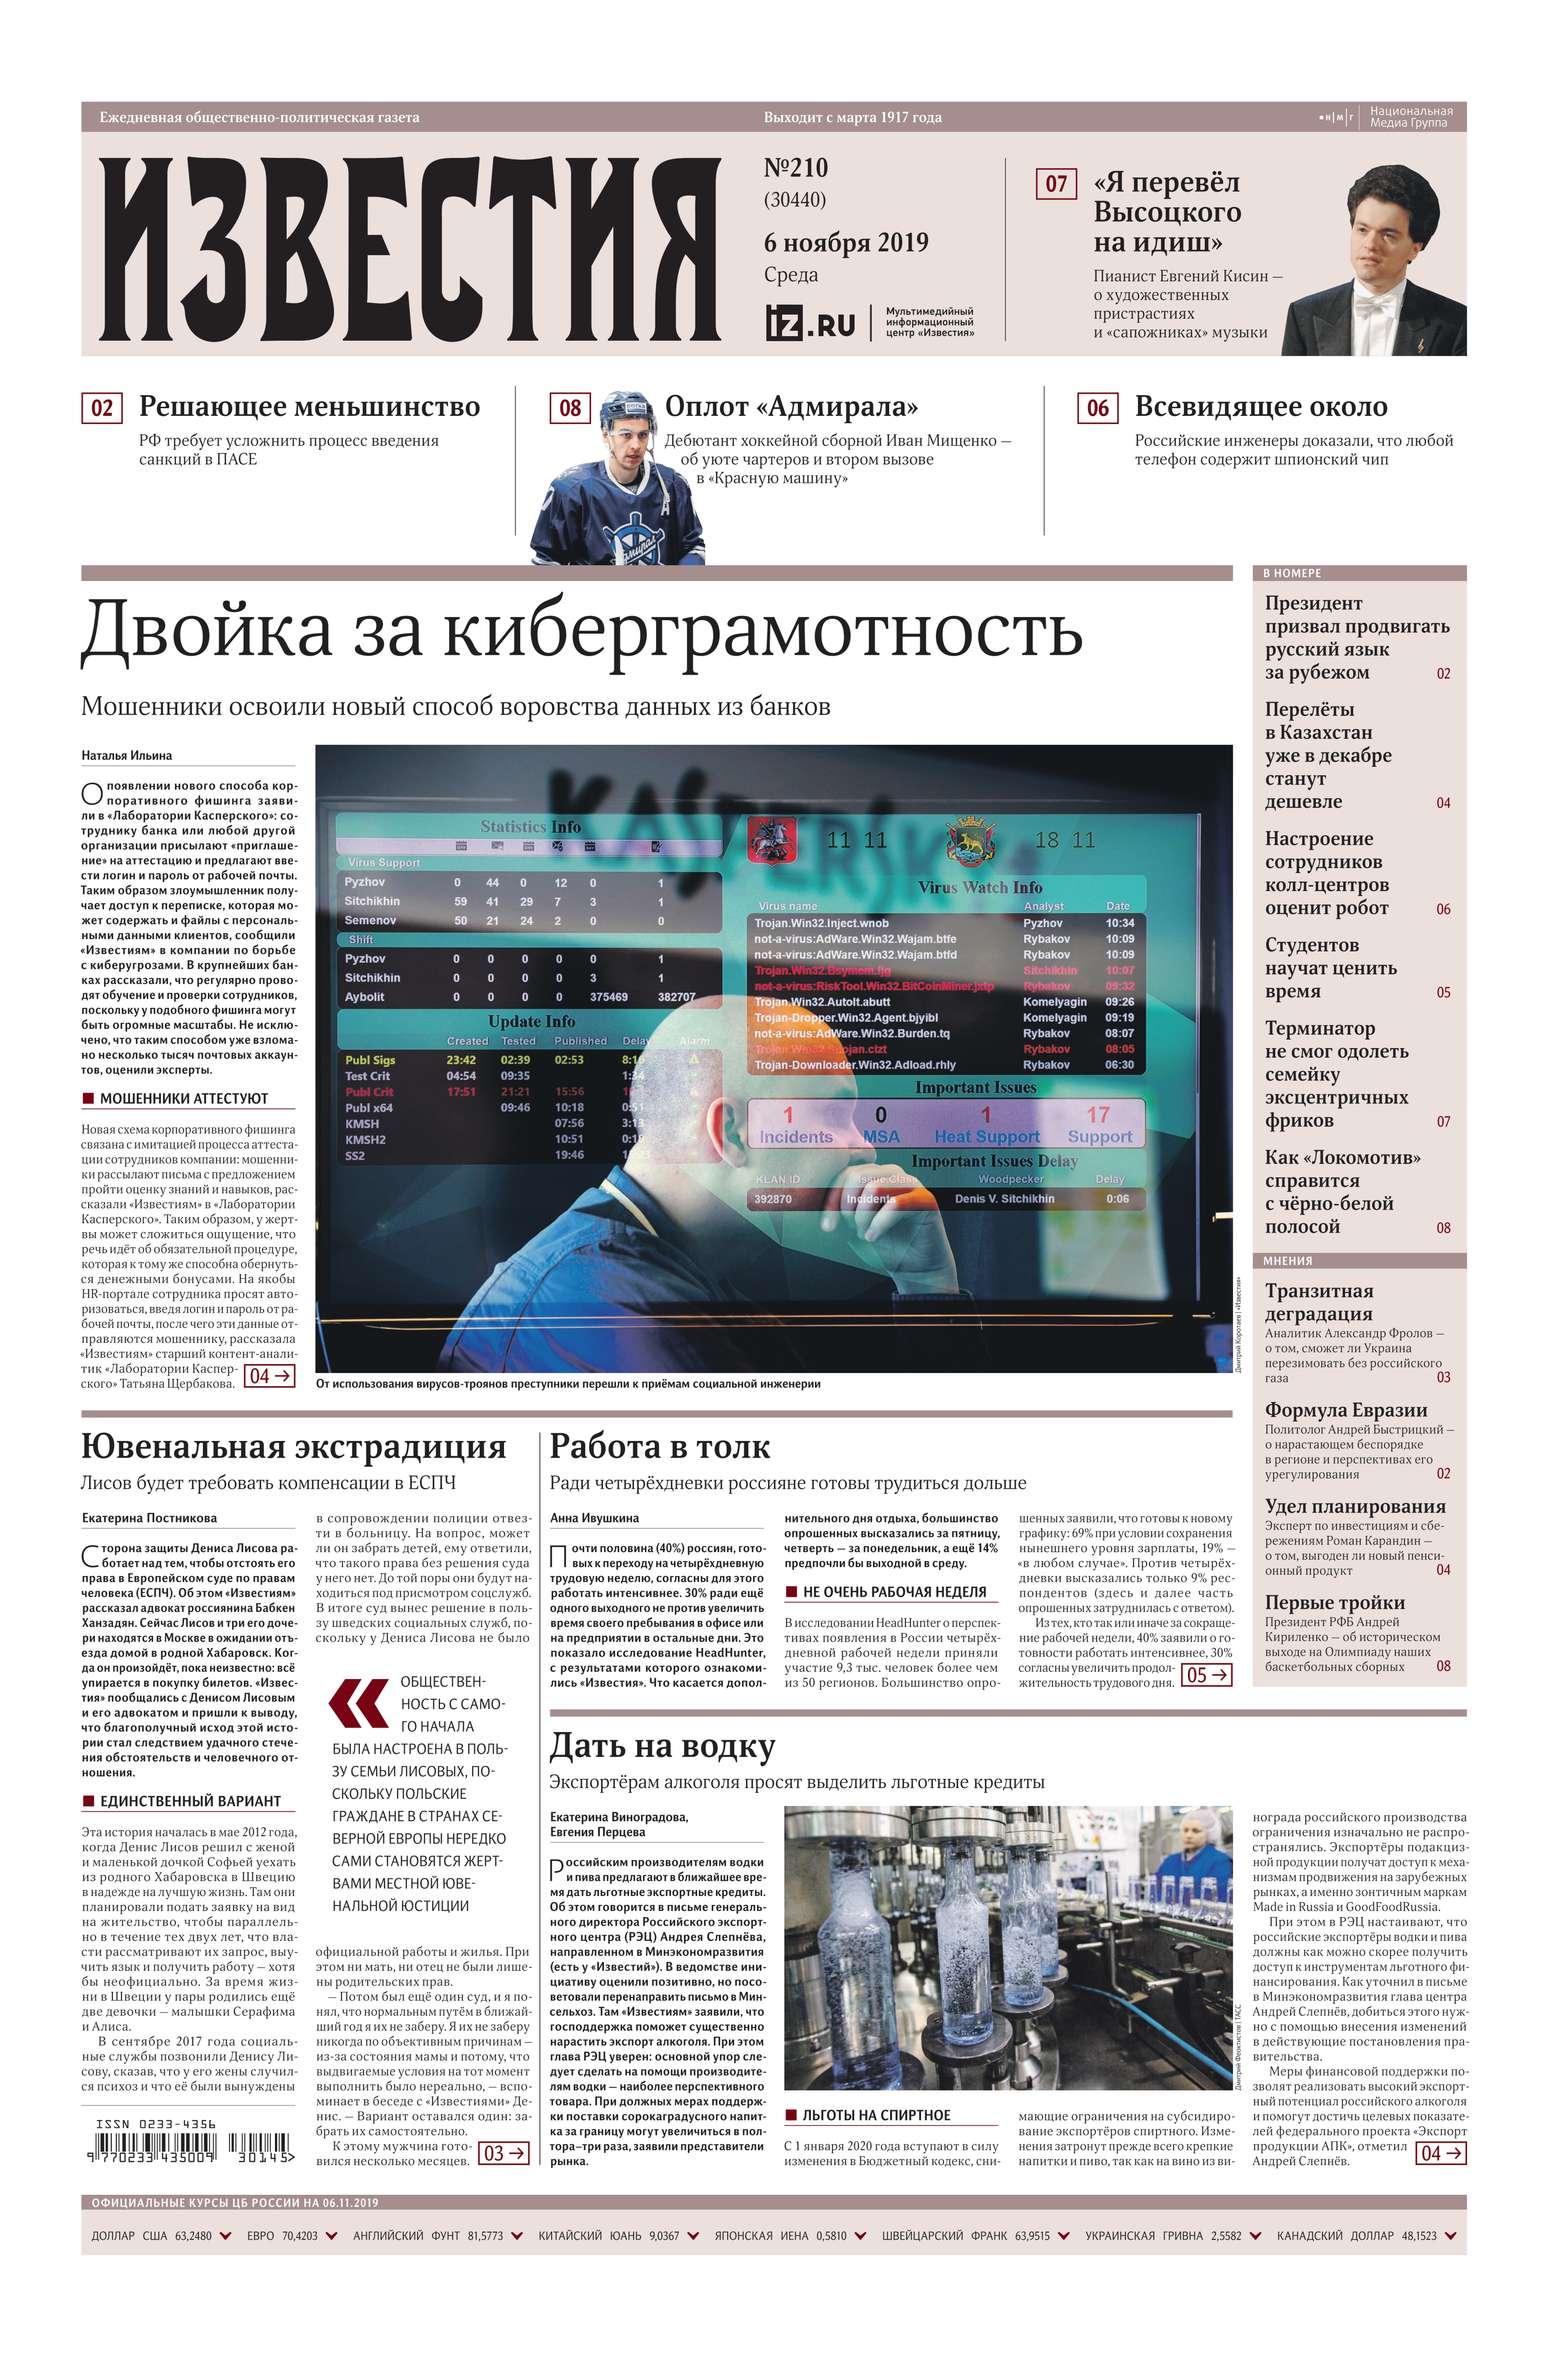 Известия 210-2019